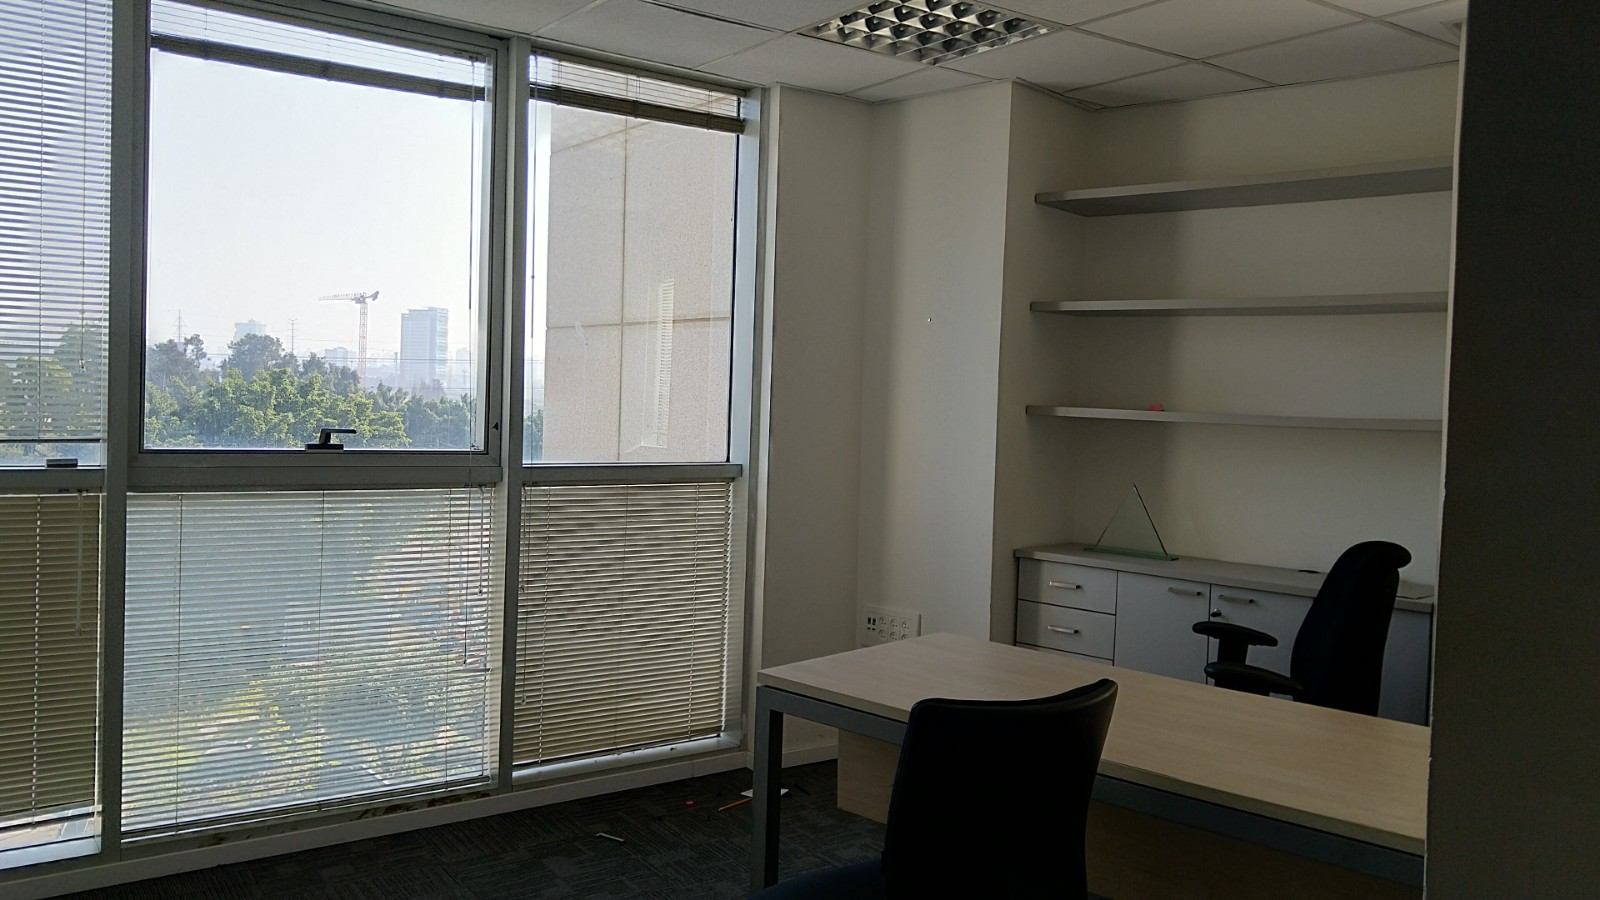 תמונה 2 ,משרדים להשכרה הברזל  משרד מואר 370 מר  רמת החייל תל אביב יפו